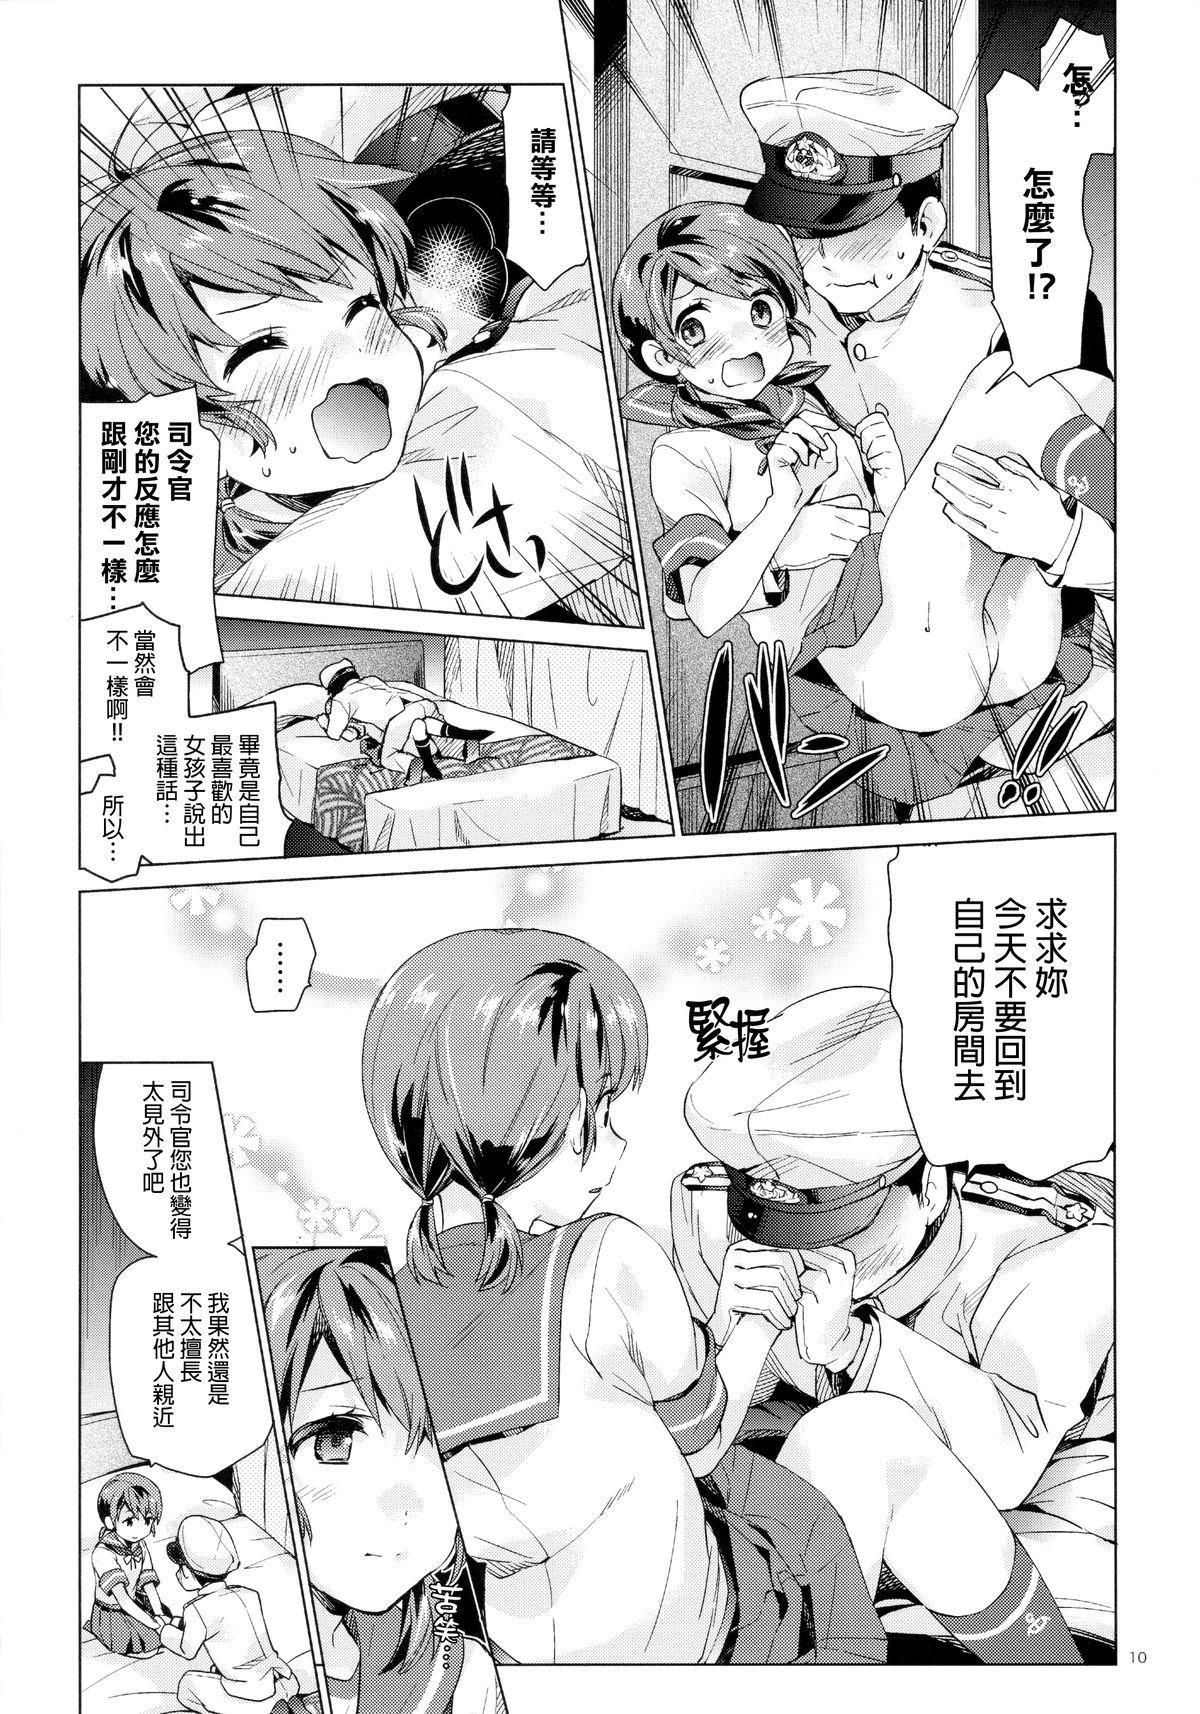 Shirayuki to Koi suru Hibi 2 8